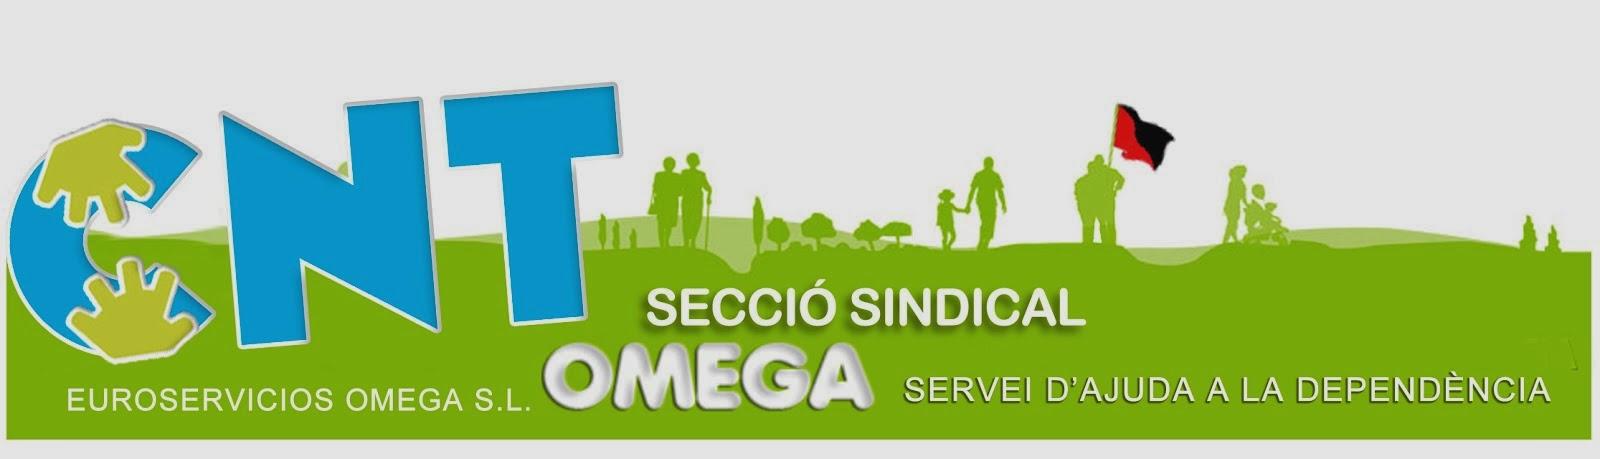 Secció Sindical Omega SL a Agullent